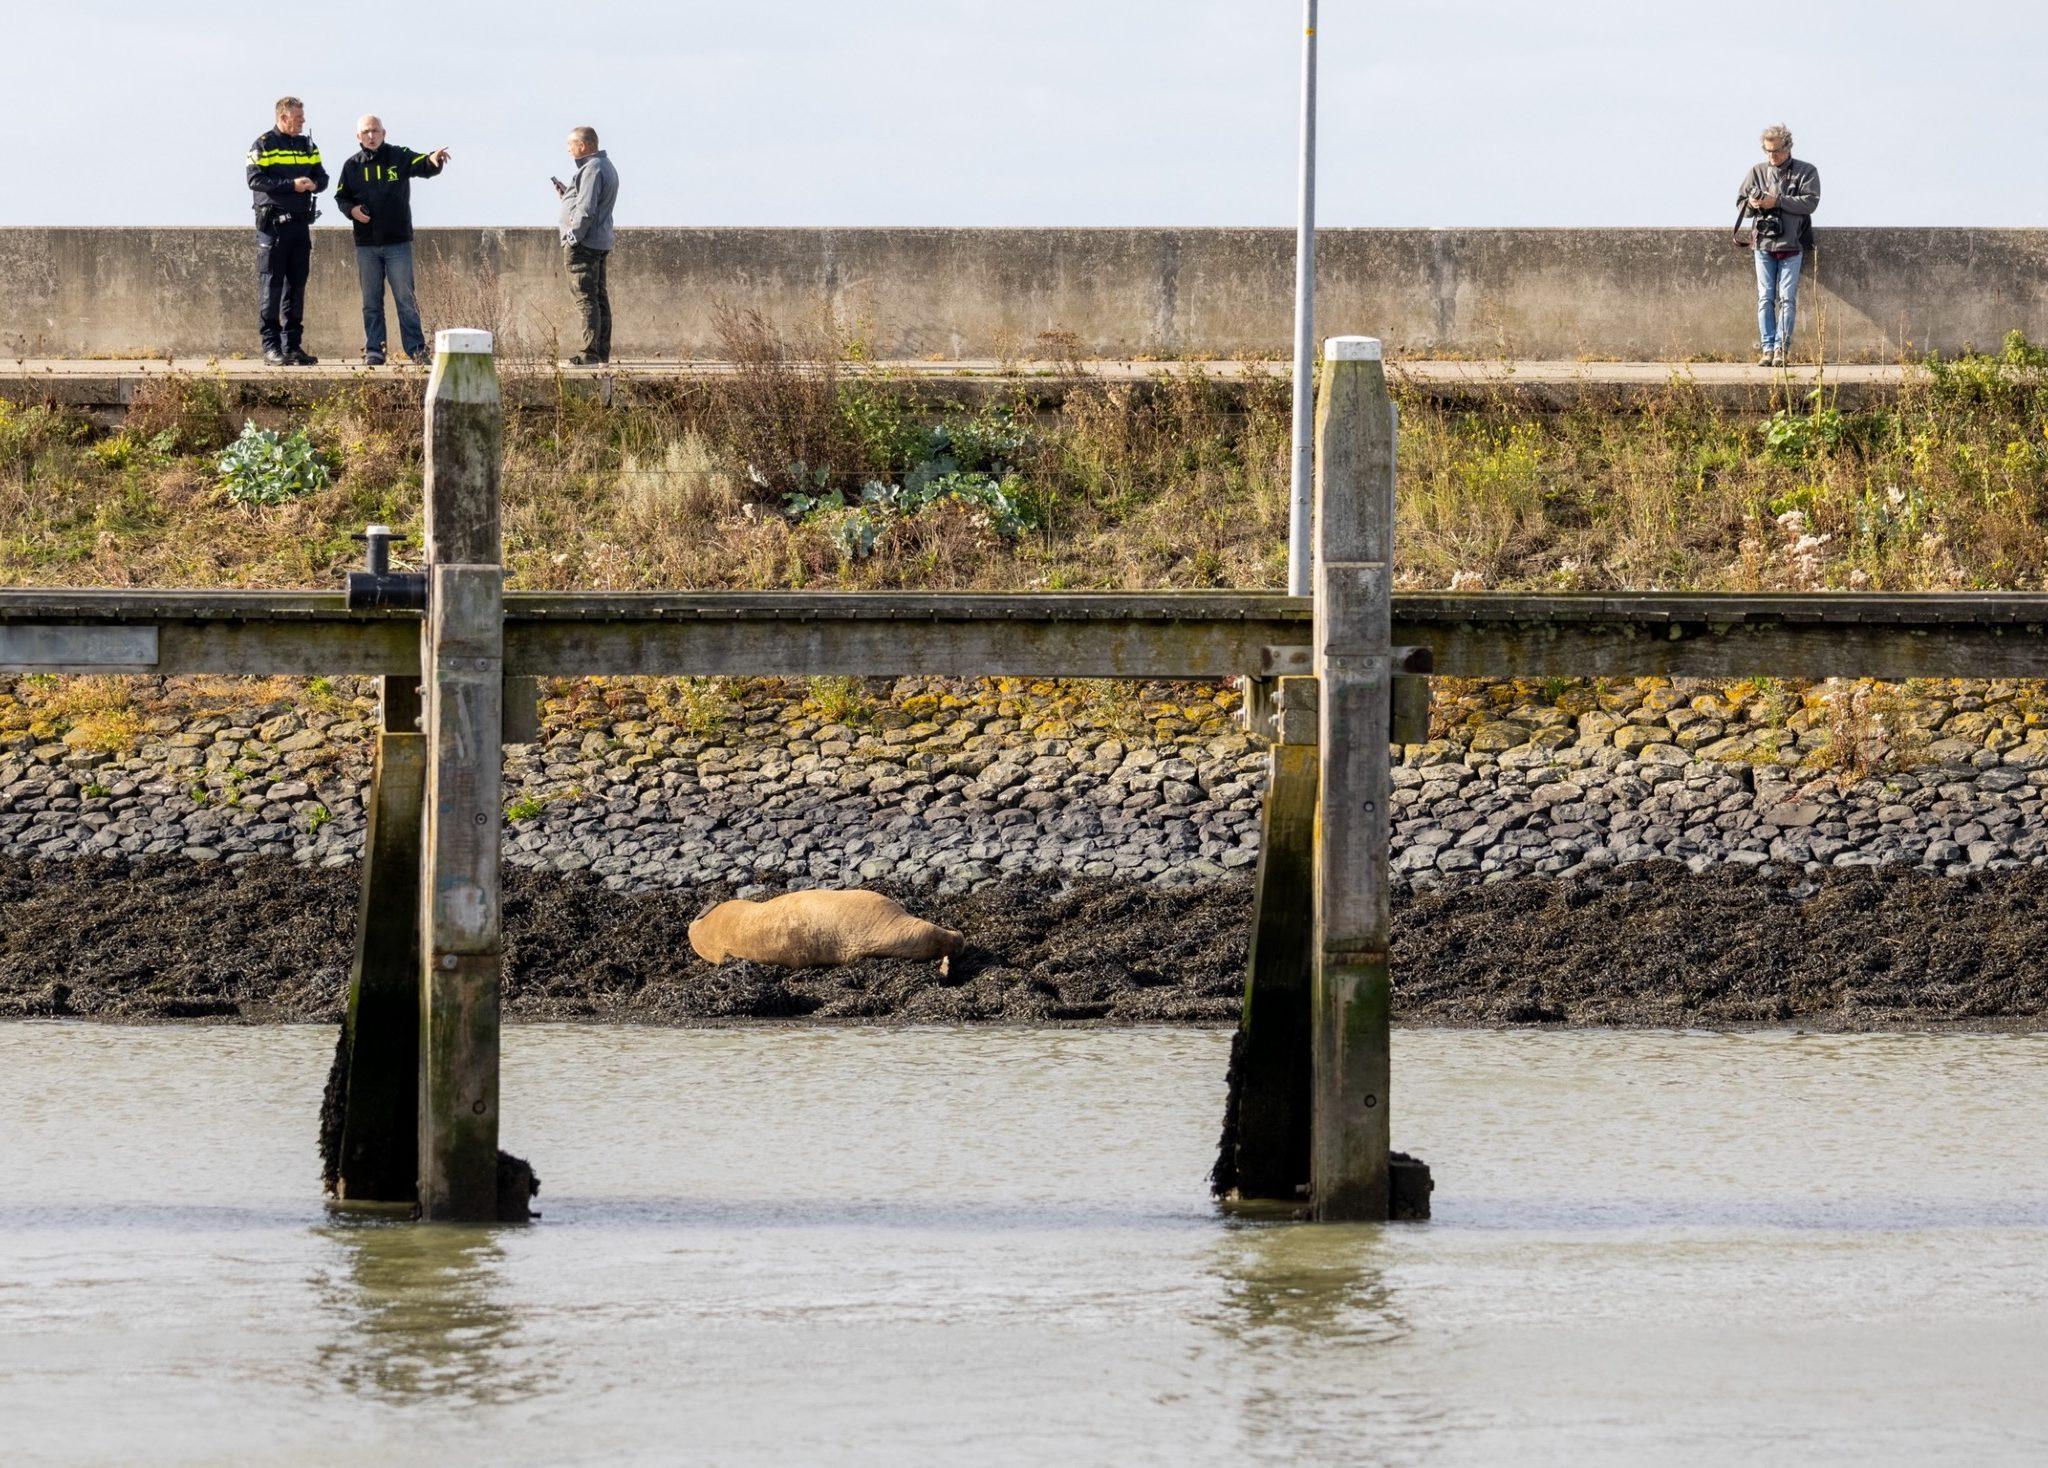 De gewonde walrus trekt veel bekijks. (Foto Camjo Media)